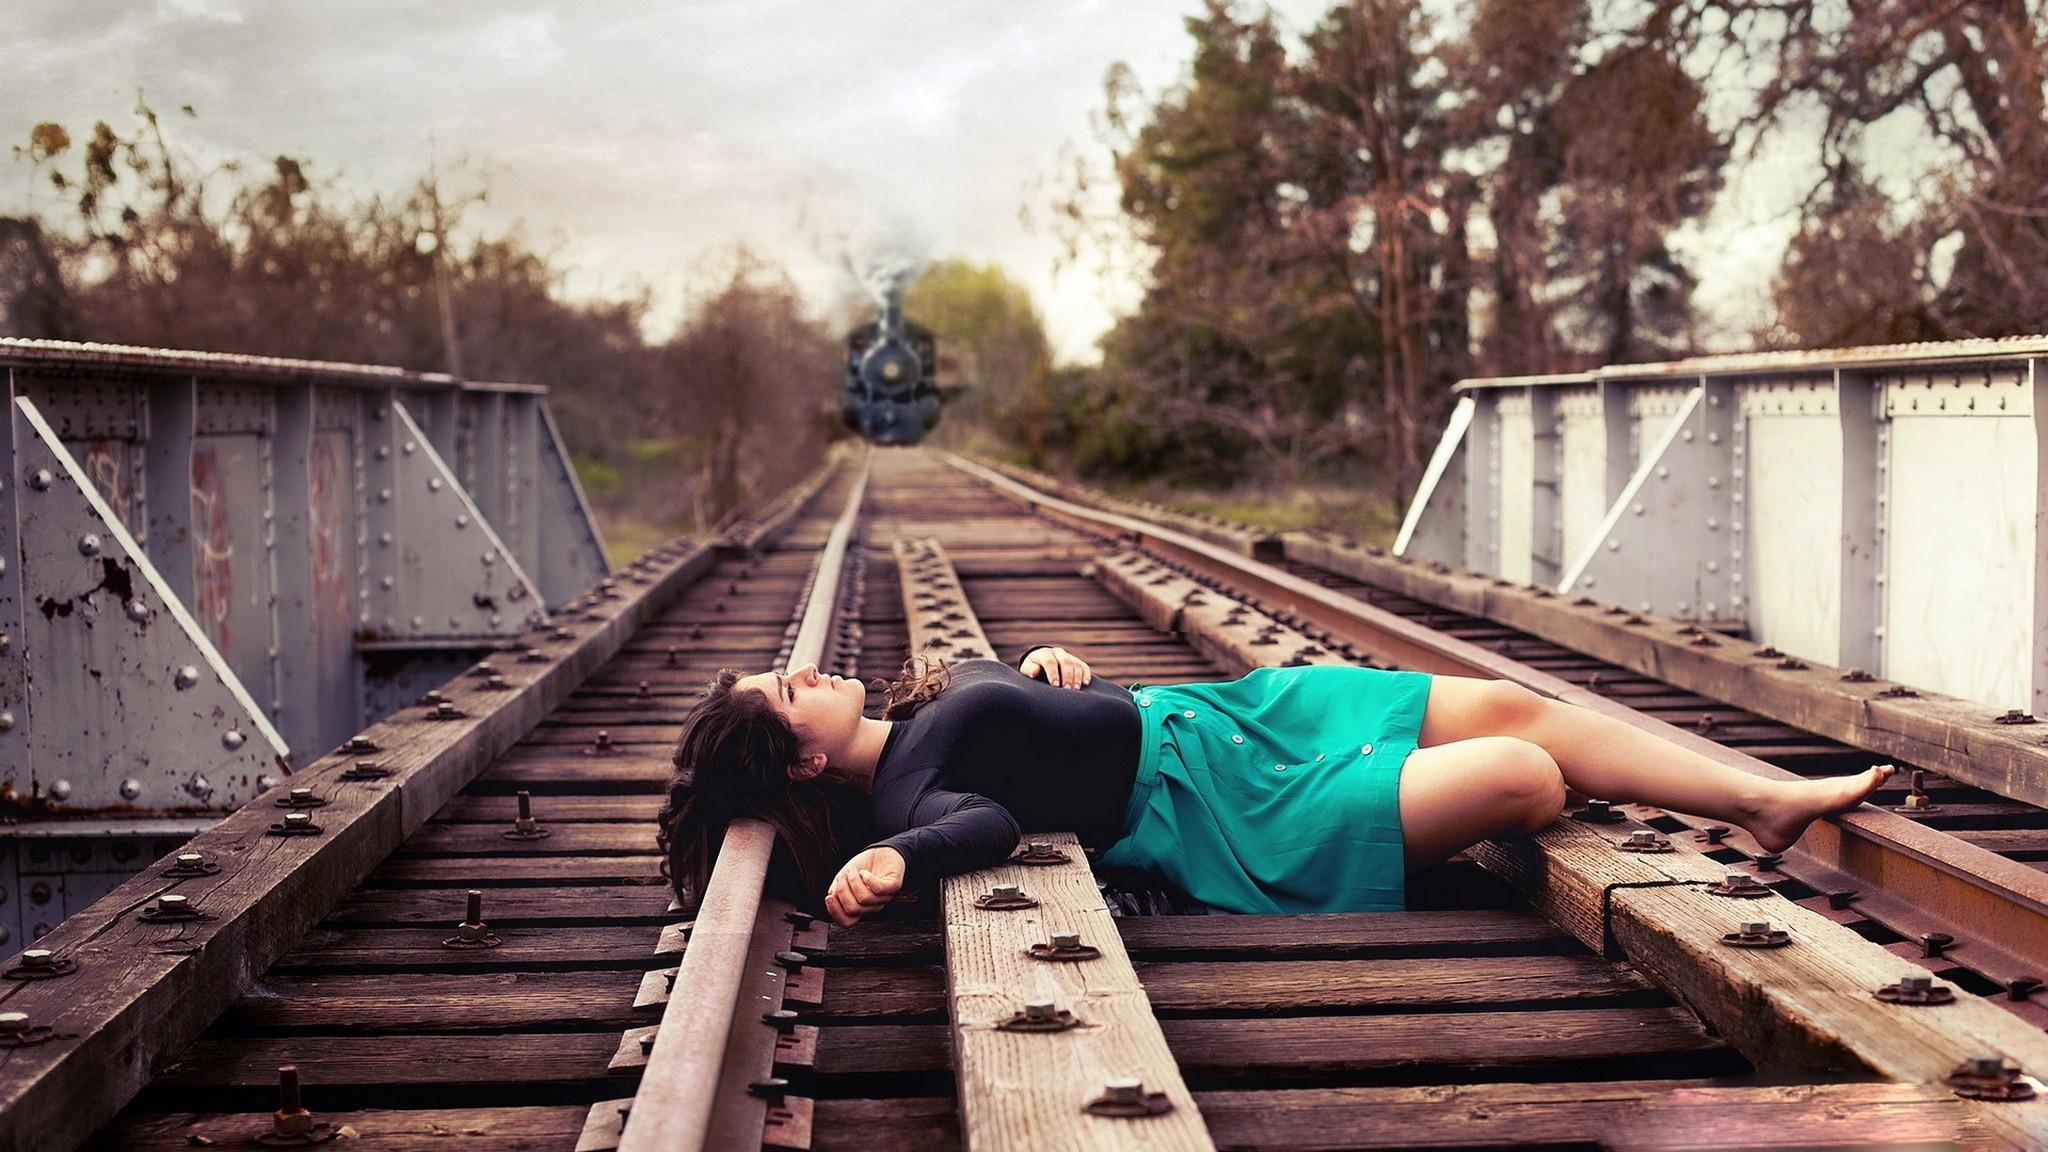 Sad Girl Lying on Railway Track